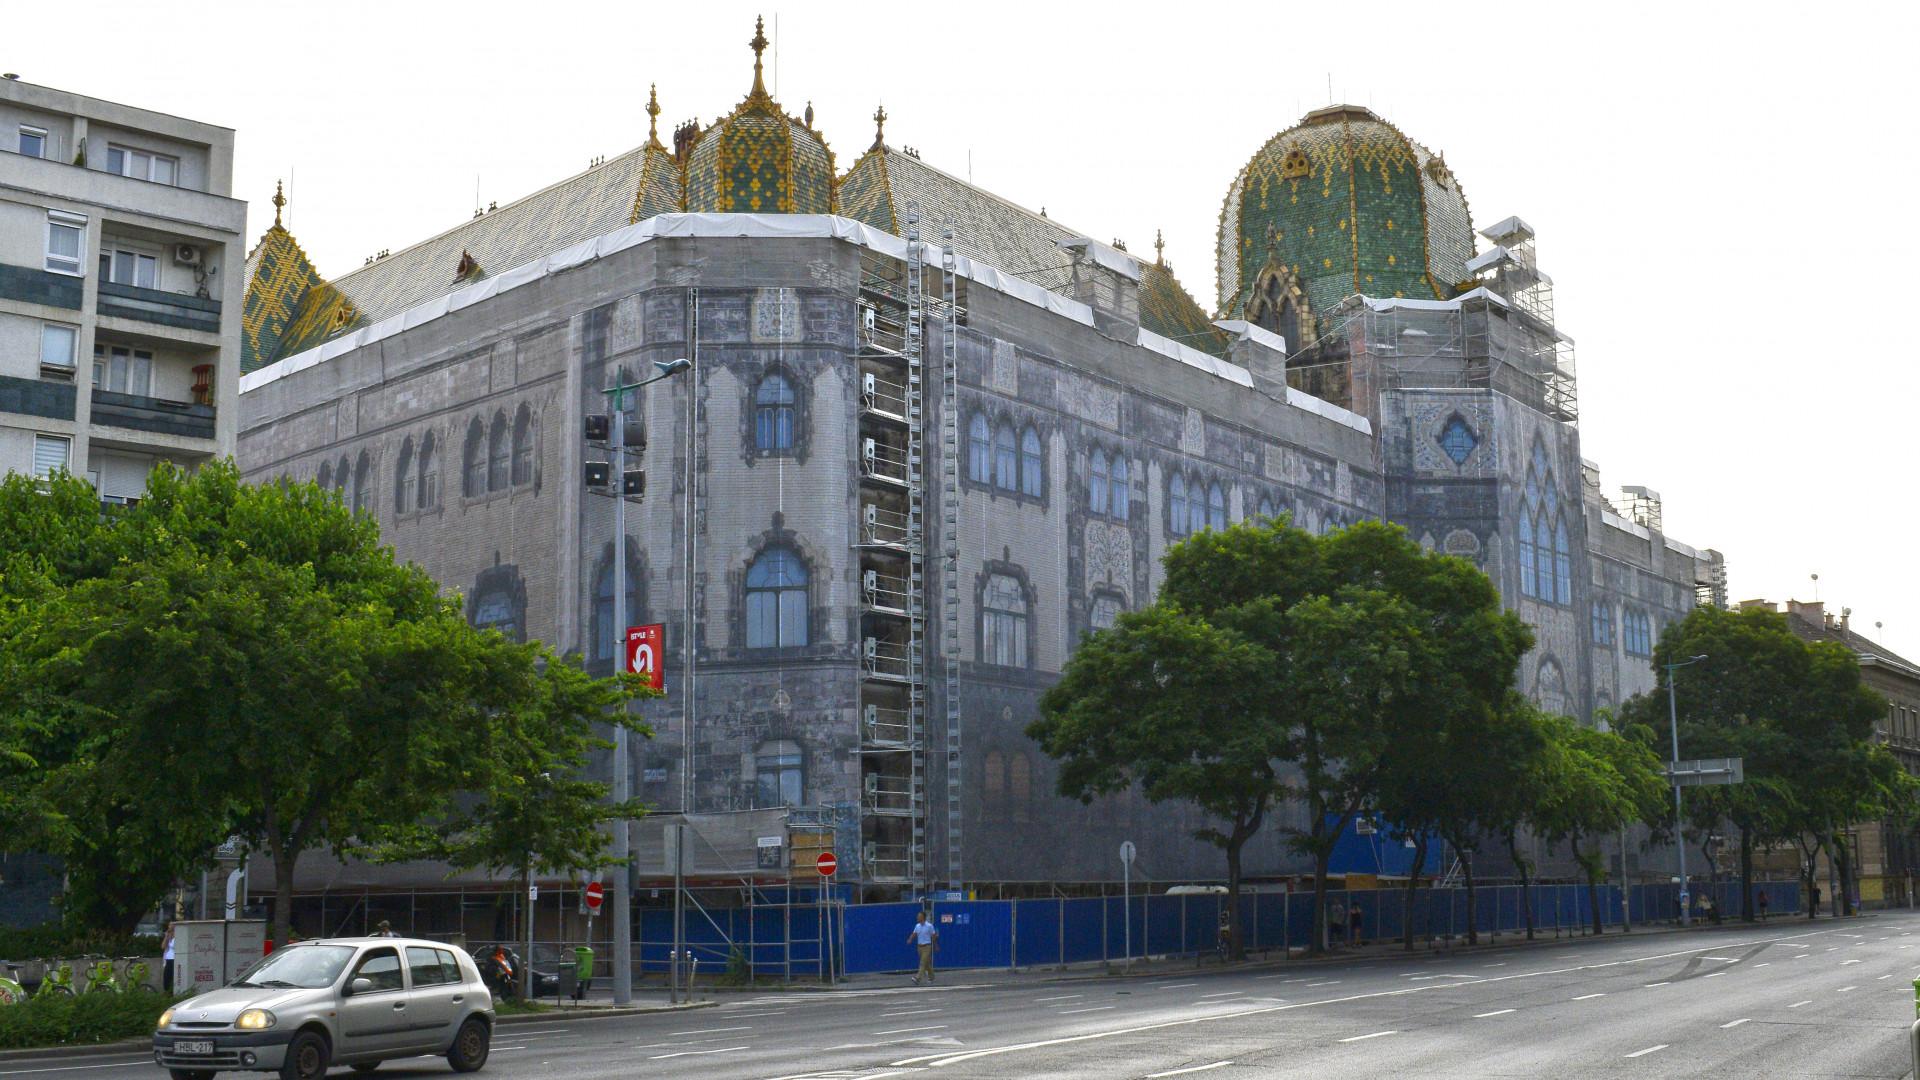 Indulhatnak a munkák: ezek a cégek végezhetik az Iparművészeti Múzeum felújítását